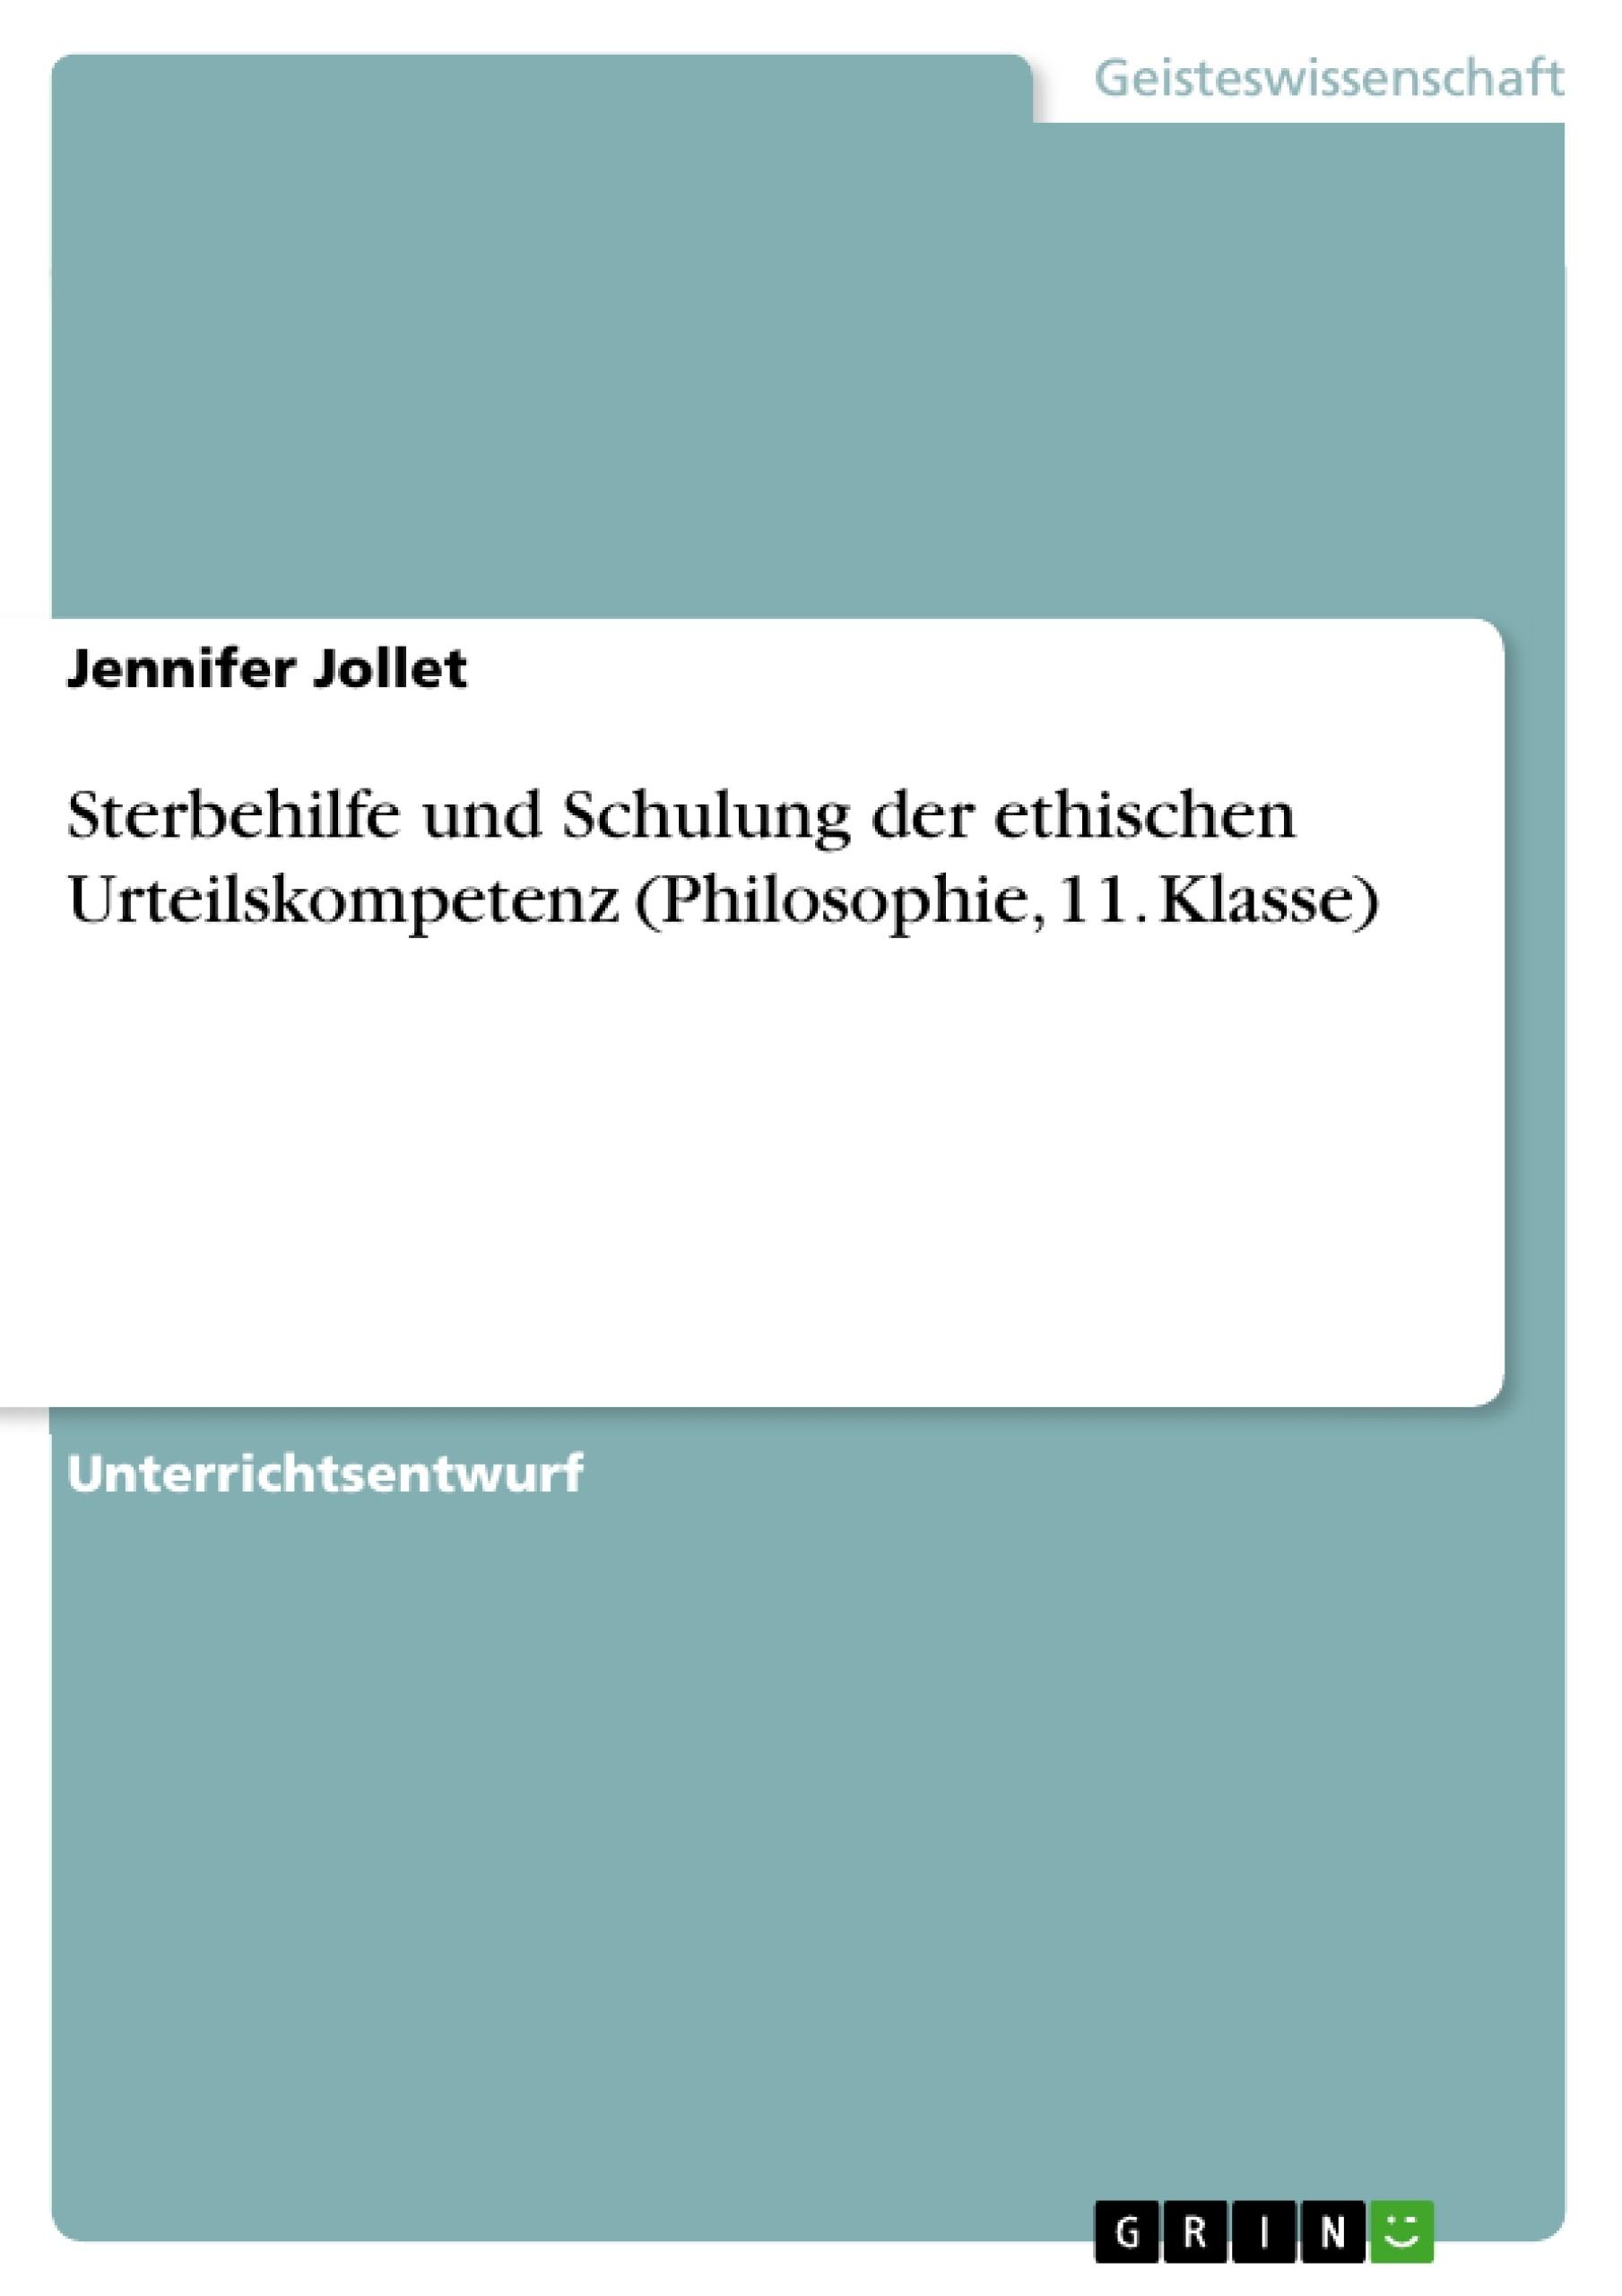 Titel: Sterbehilfe und Schulung der ethischen Urteilskompetenz (Philosophie, 11. Klasse)